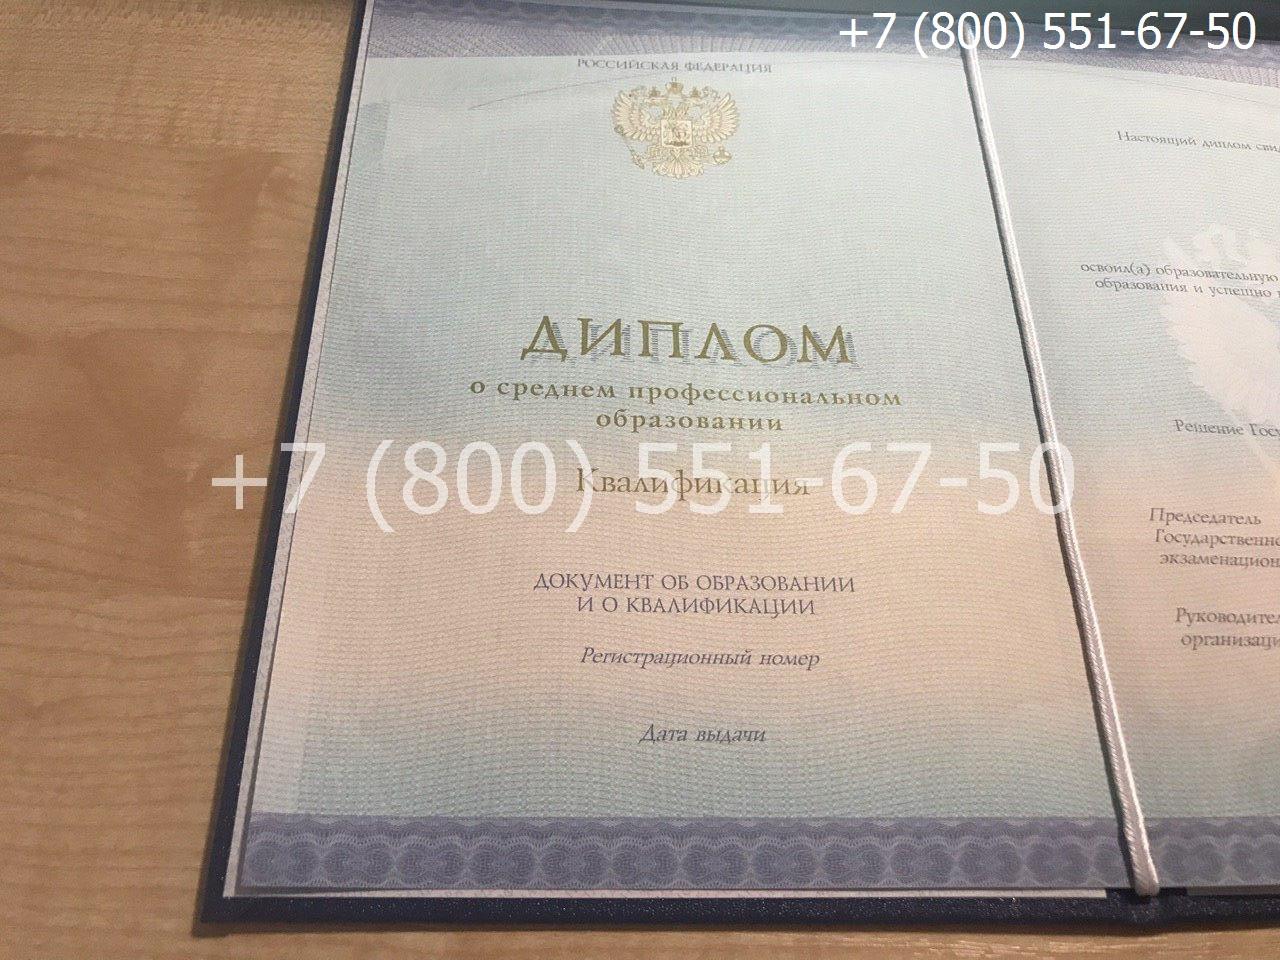 Диплом колледжа 2014-2020 годов, образец, титульный лист-1